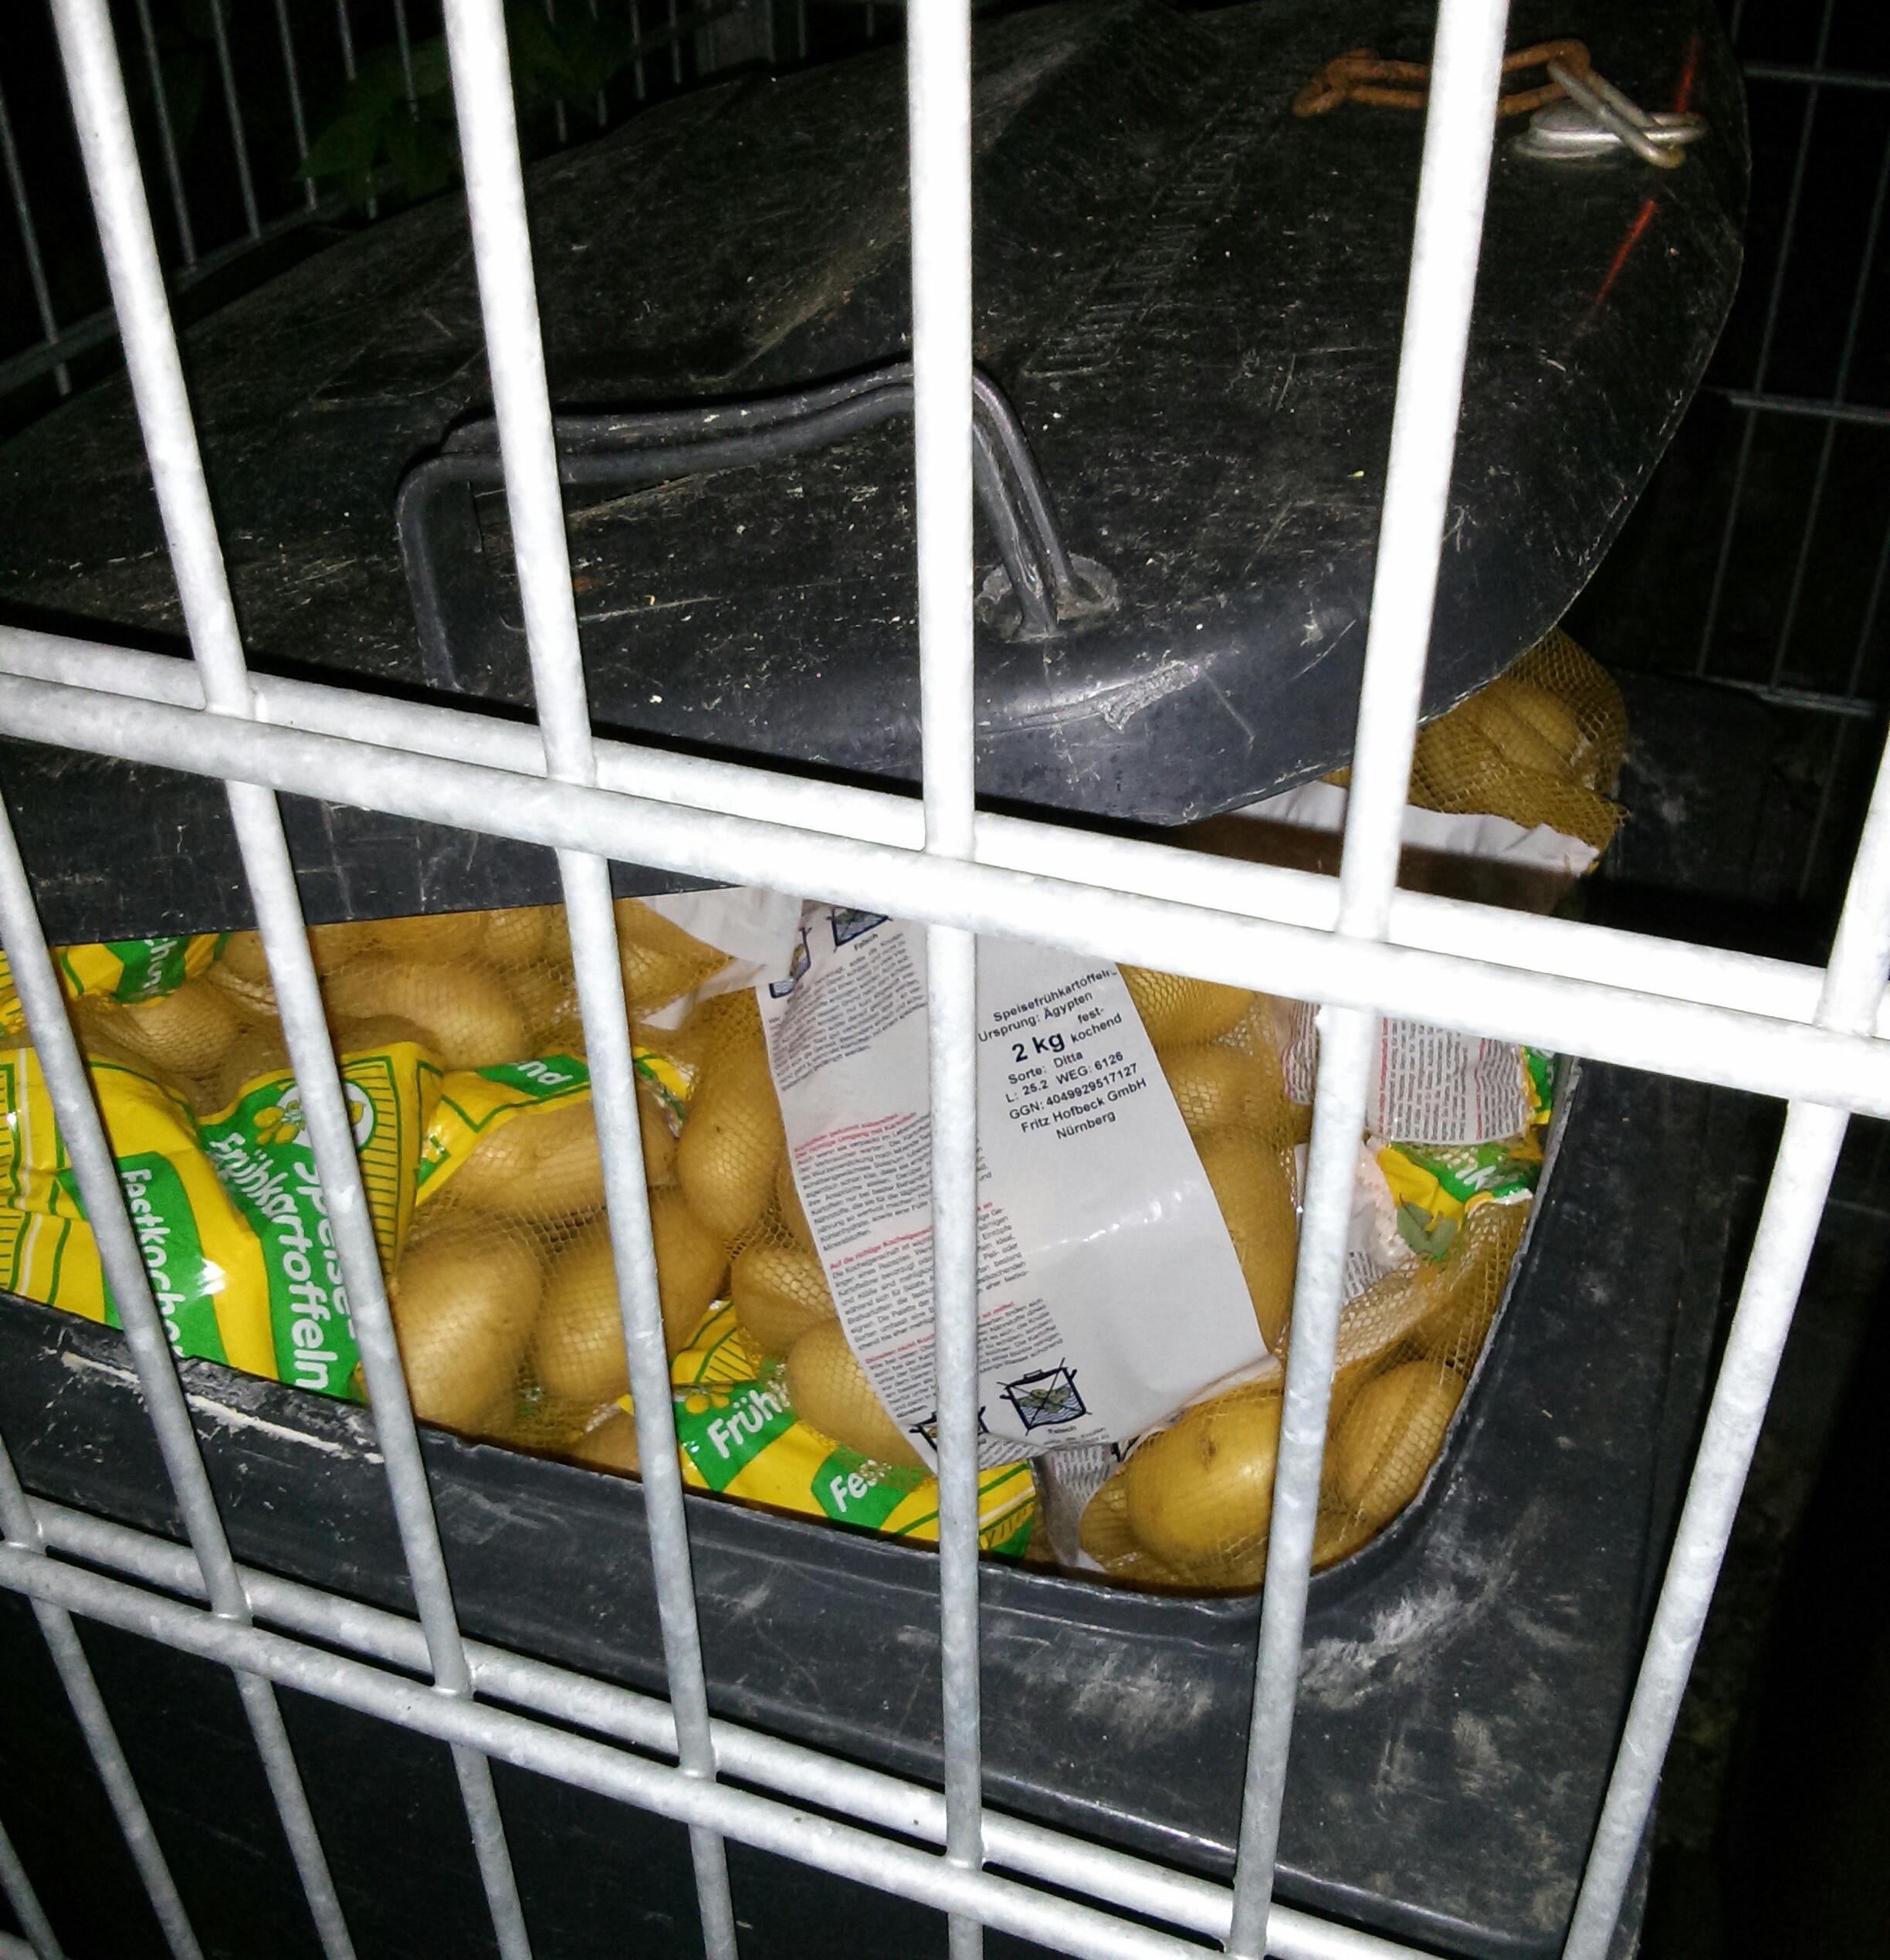 Kartoffeln in der Mülltonne Aldi-Süd